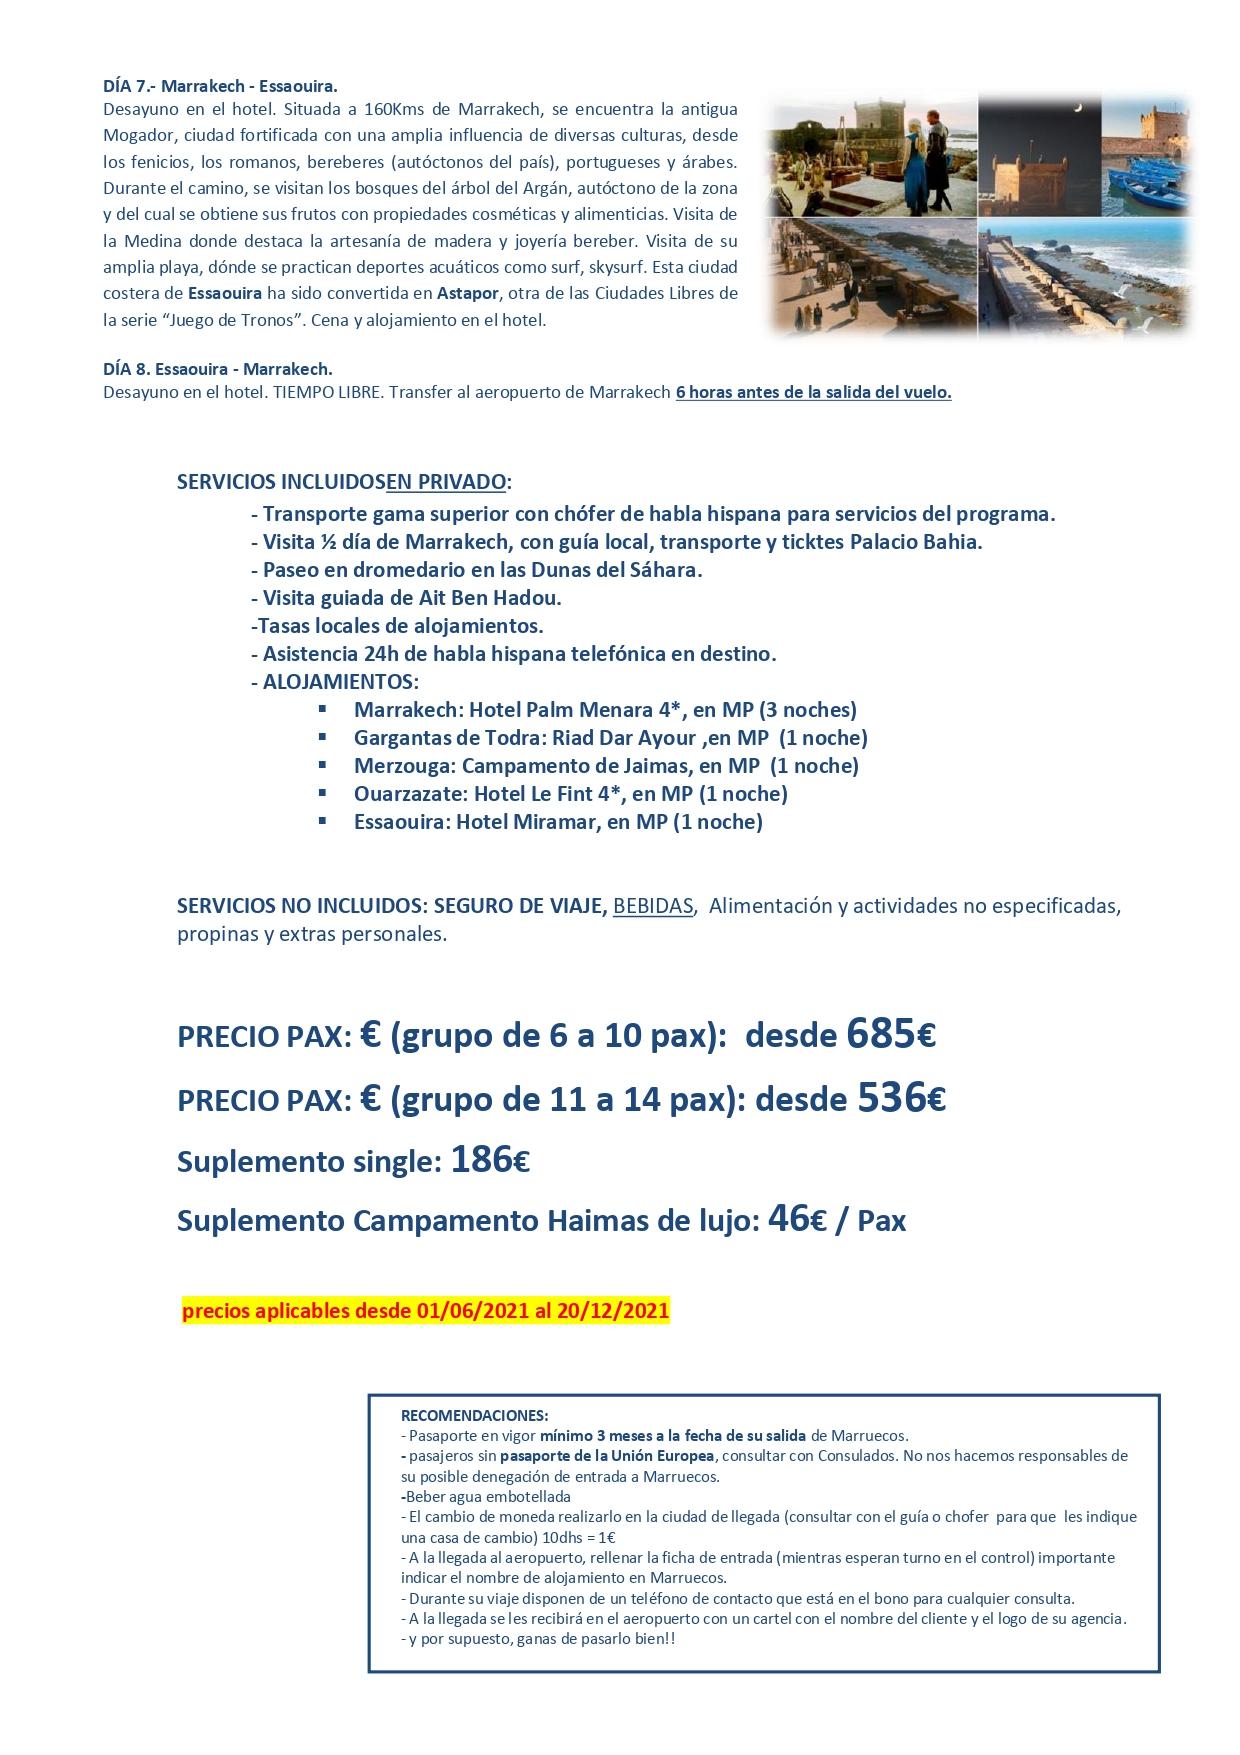 circutio JUEGO DE TRONOS sahara desde marrakech + essaouira   8 días 6 a 11 pax de junio a diciembre 2021 page 0002